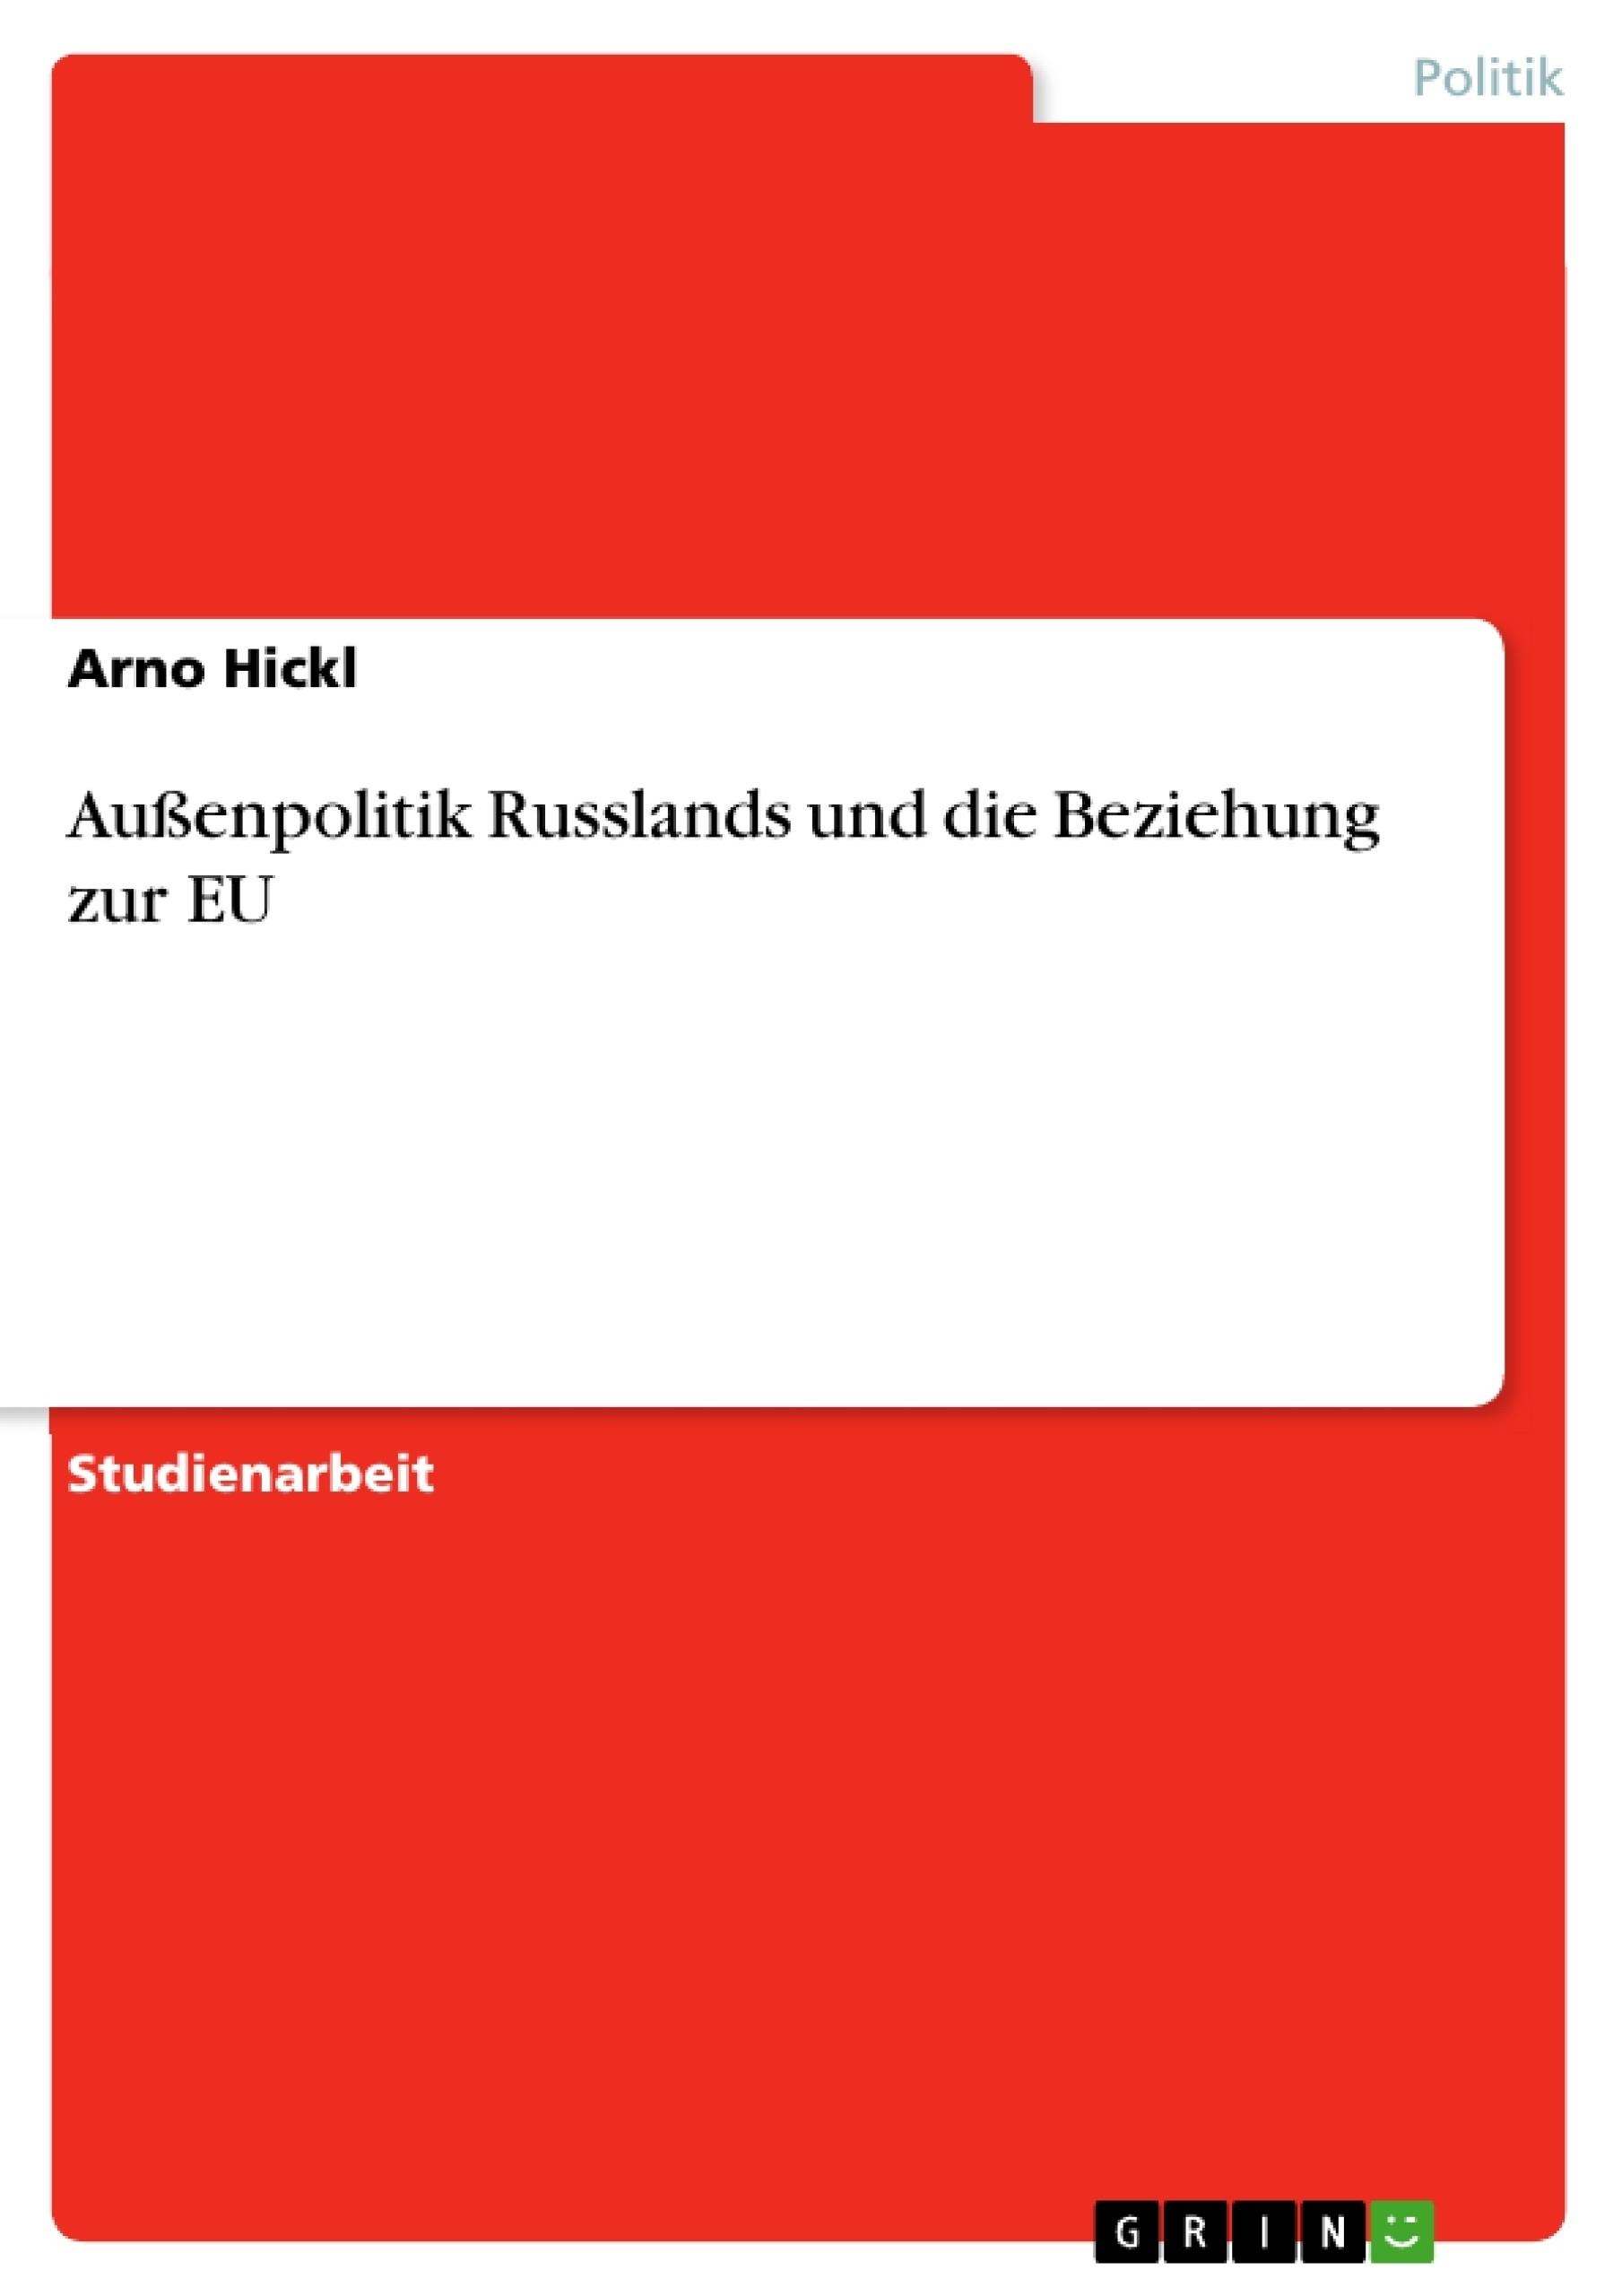 Titel: Außenpolitik Russlands und die Beziehung zur EU